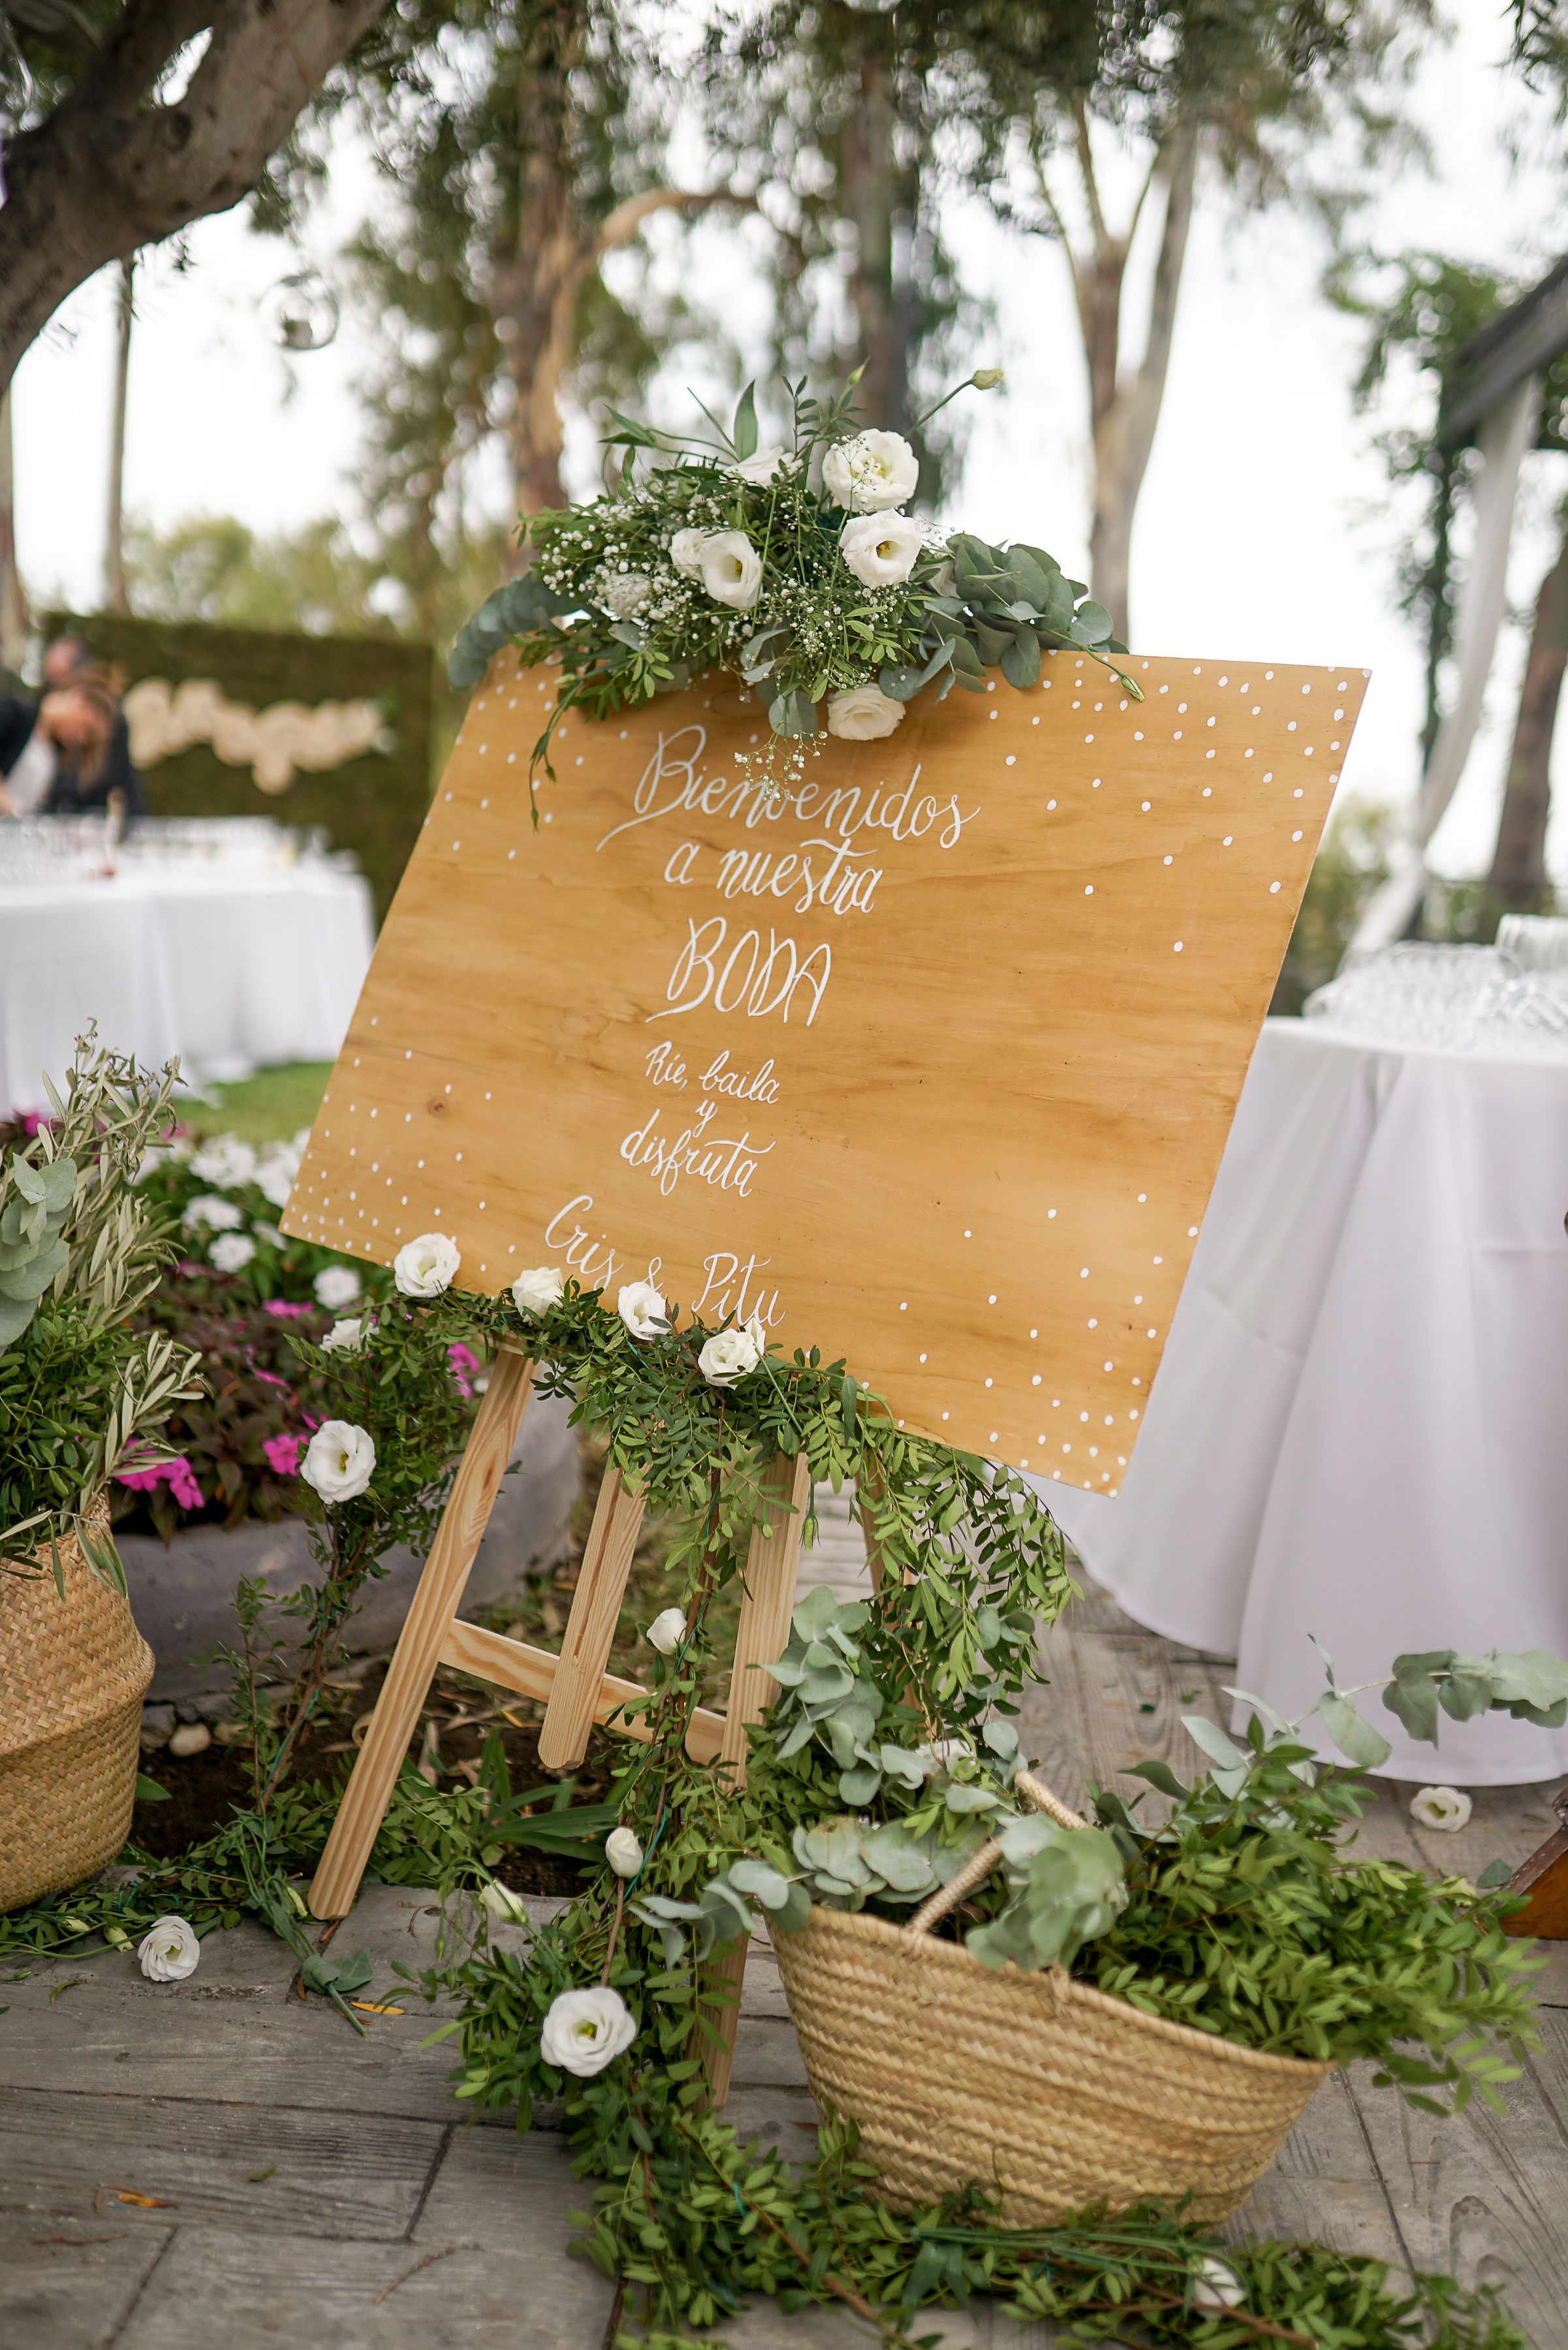 wedding planner, ciudad real, málaga, lettering, servicios, cartel bienvenida, bodas málaga, bodas ciudad real, destination weddings, bodas bonitas, novias, compromiso, caligrafía